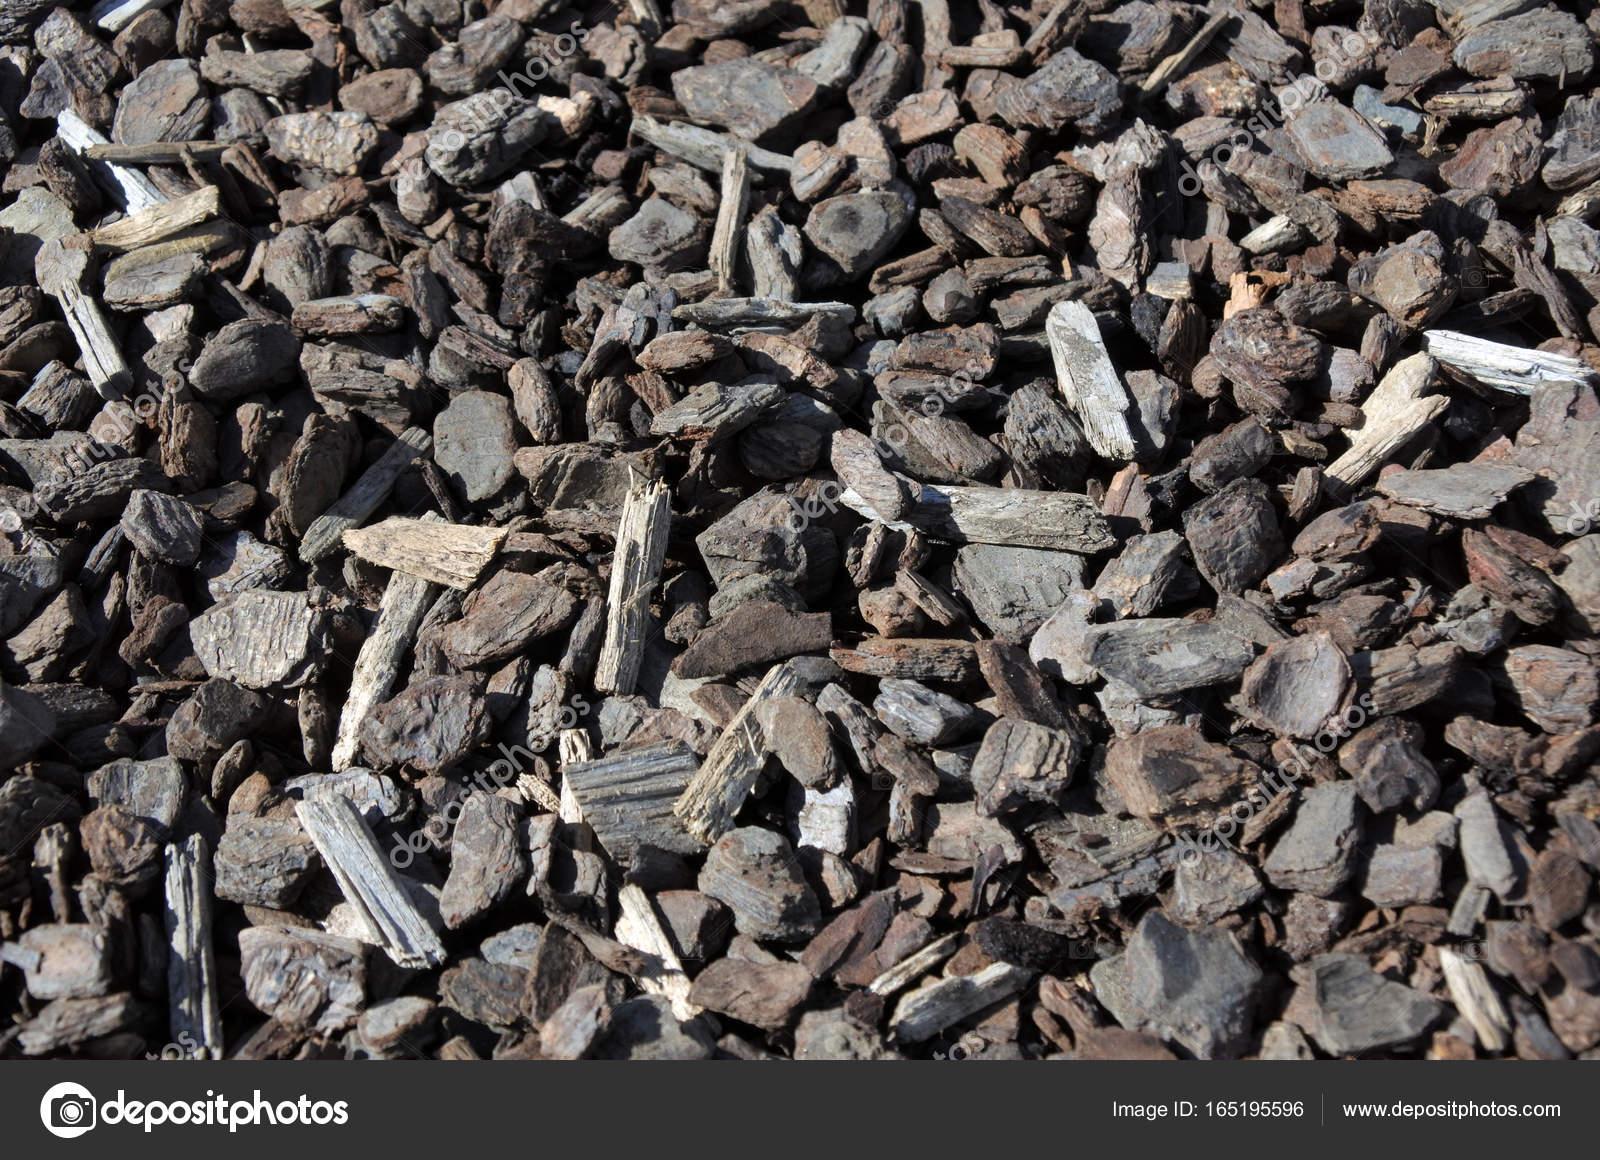 Rinde Chips Rindenmulch Trockenen Holzspänen Garten Stockfoto